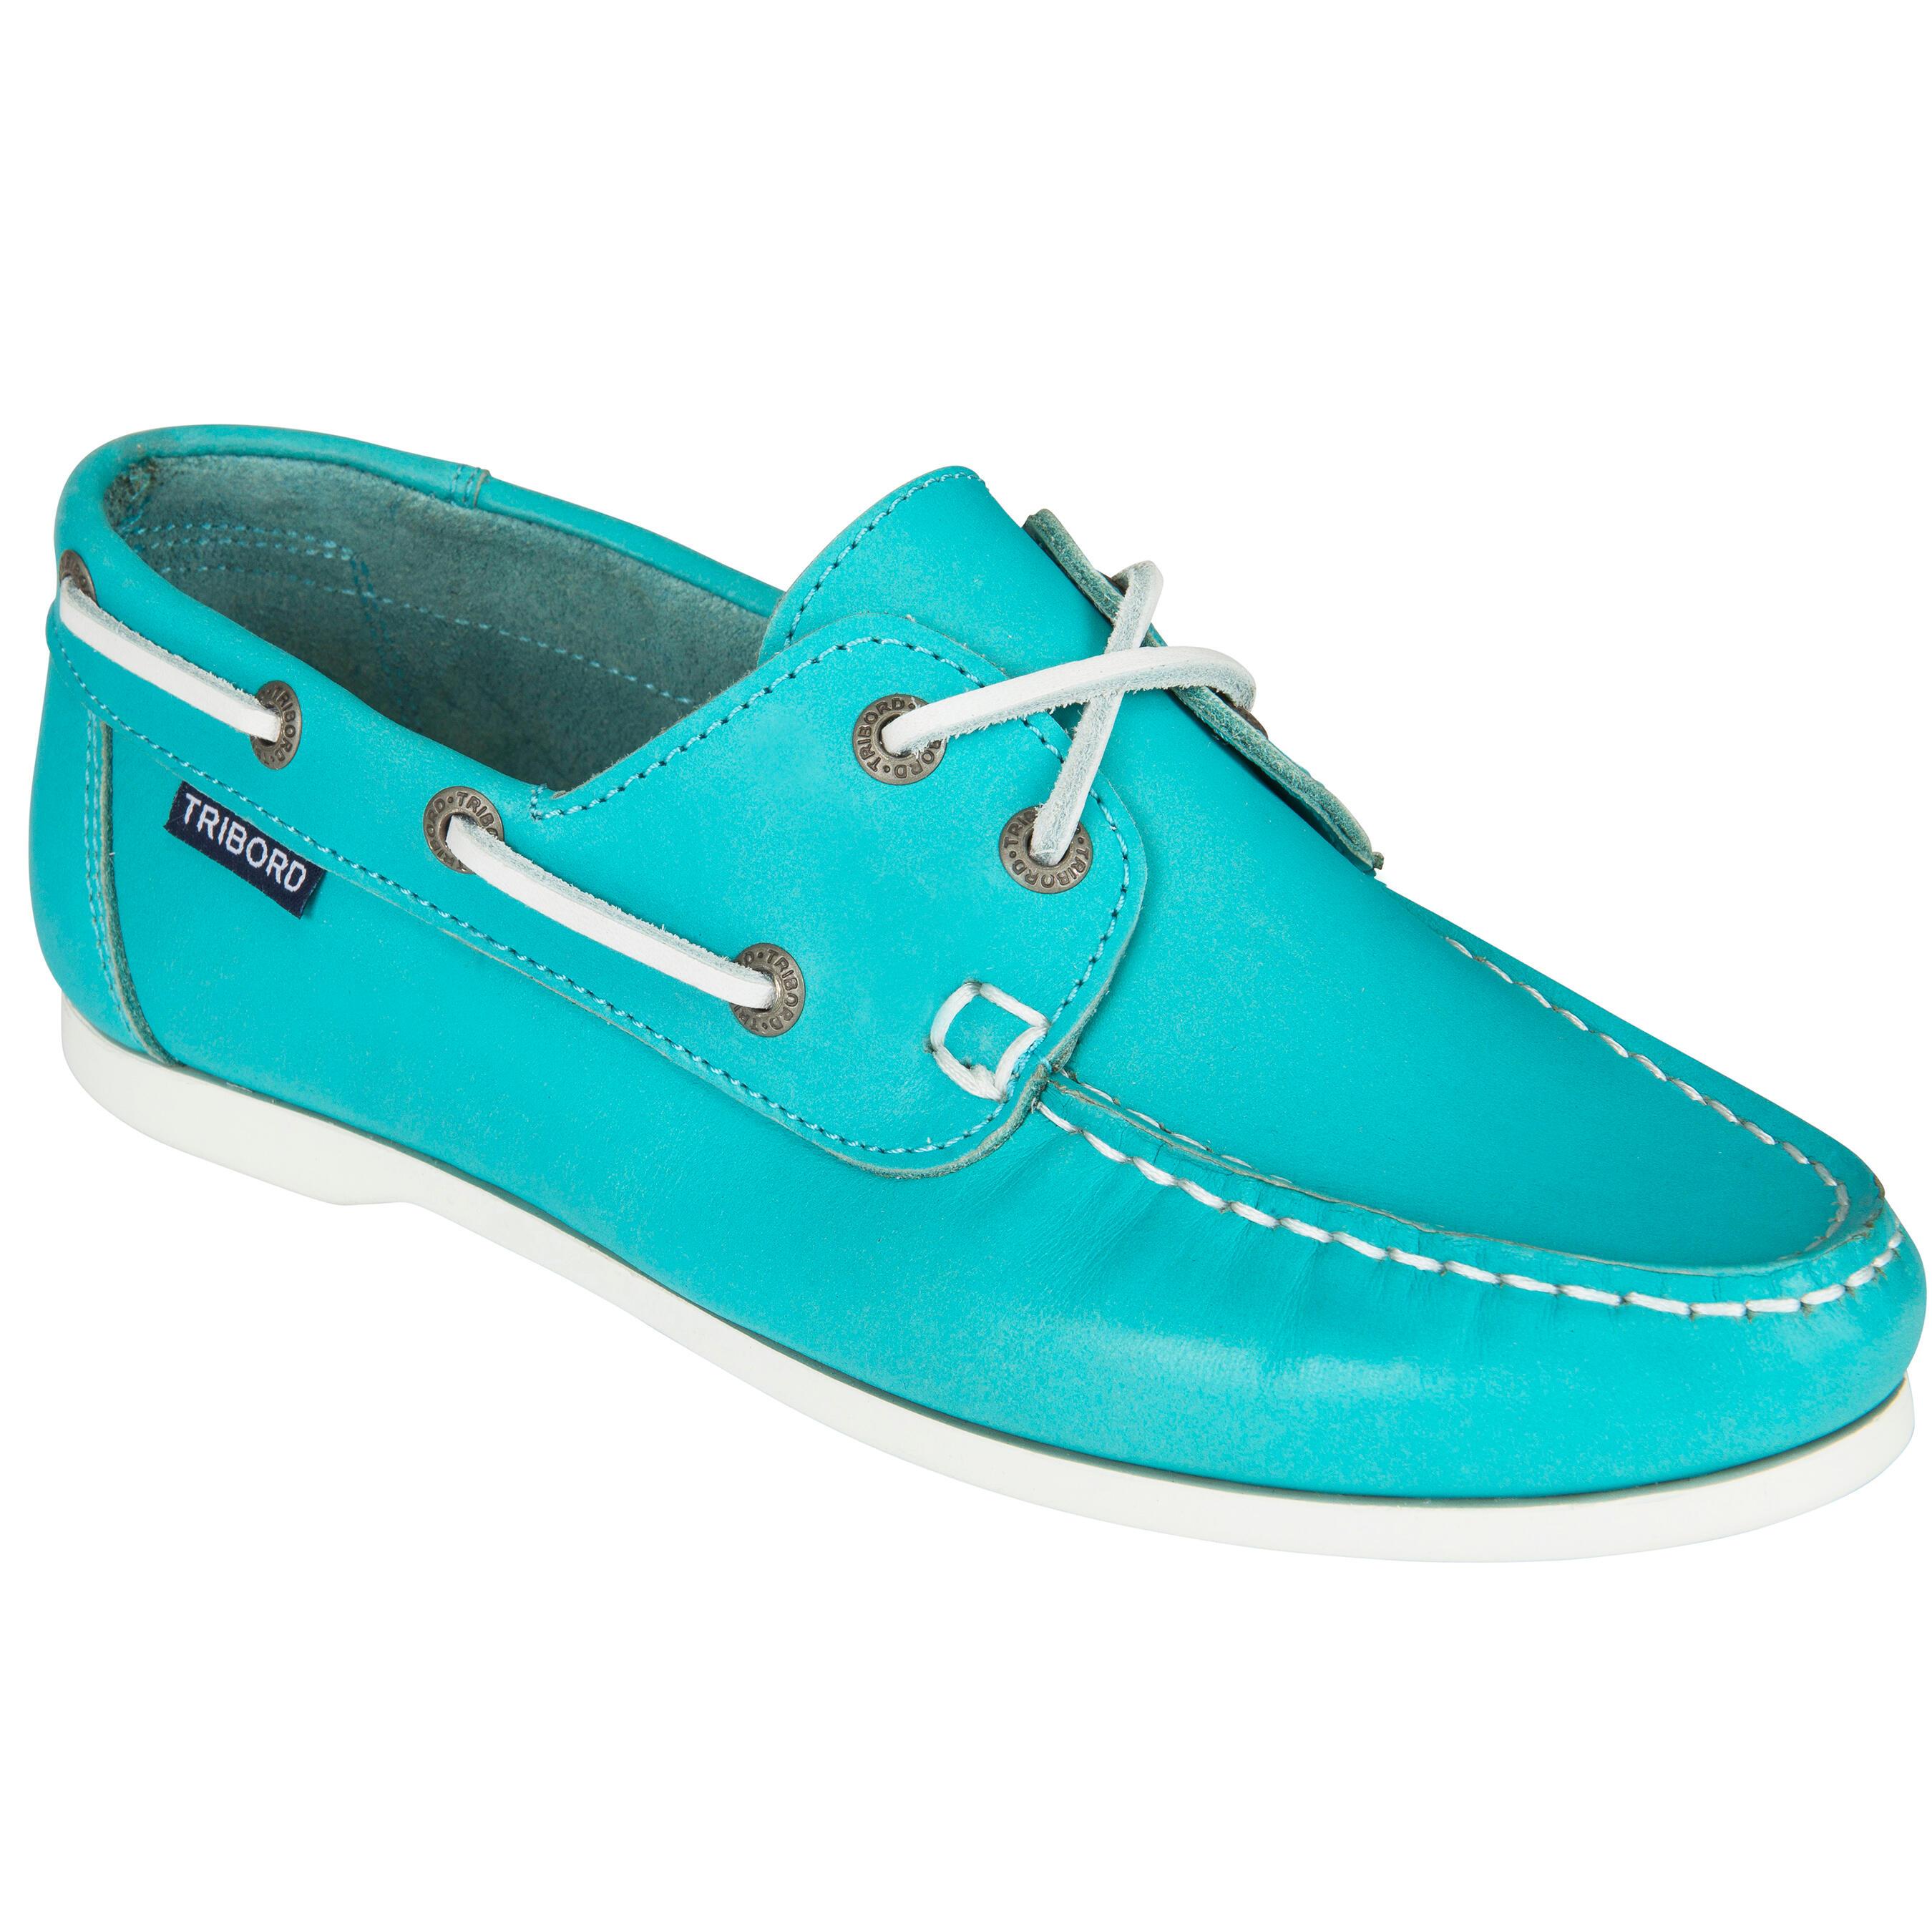 Comprar Zapatos Náuticos Online  6a20b6c4e88